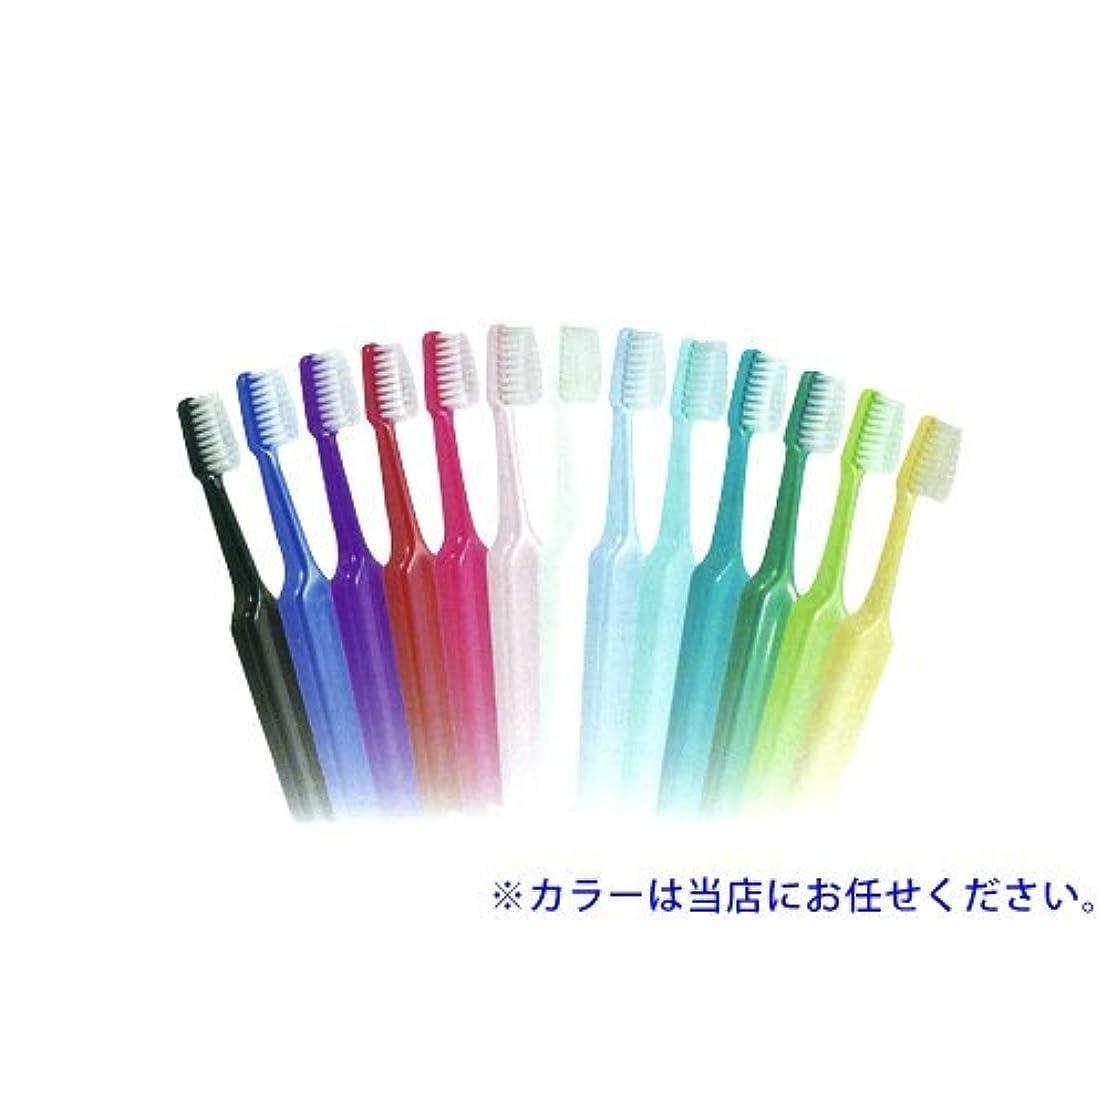 主人炭素想像するクロスフィールド TePe テペ セレクトコンパクト 歯ブラシ 1本 コンパクト ソフト